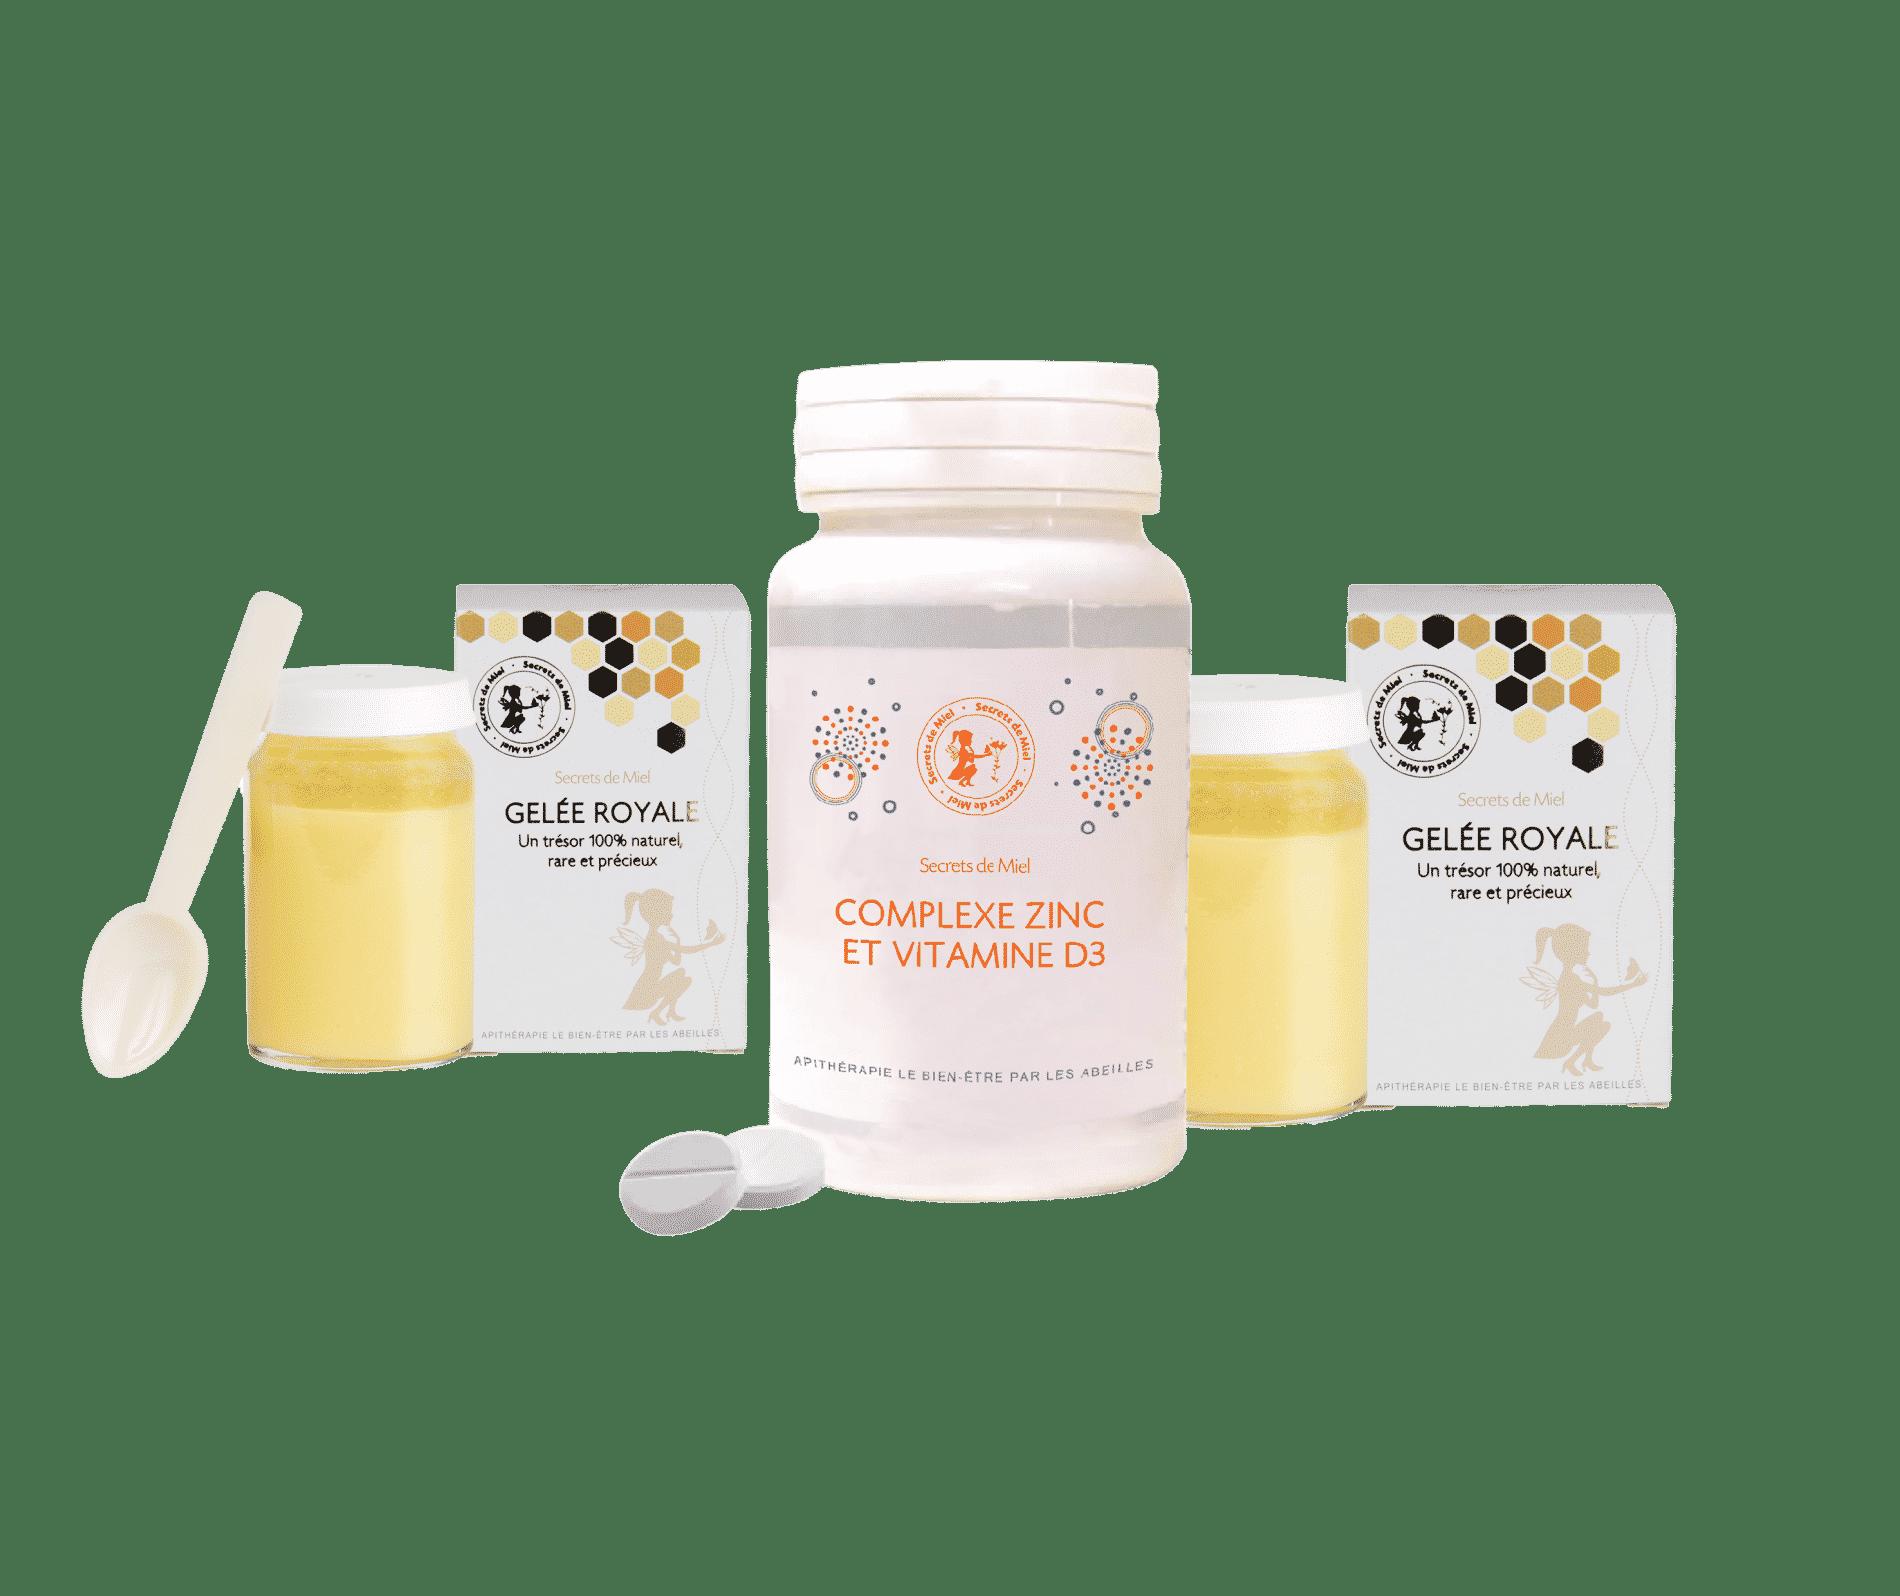 Zinc - Gelée Royale - booster ses défenses naturelles - Vitamine D3 - Secrets de Miel